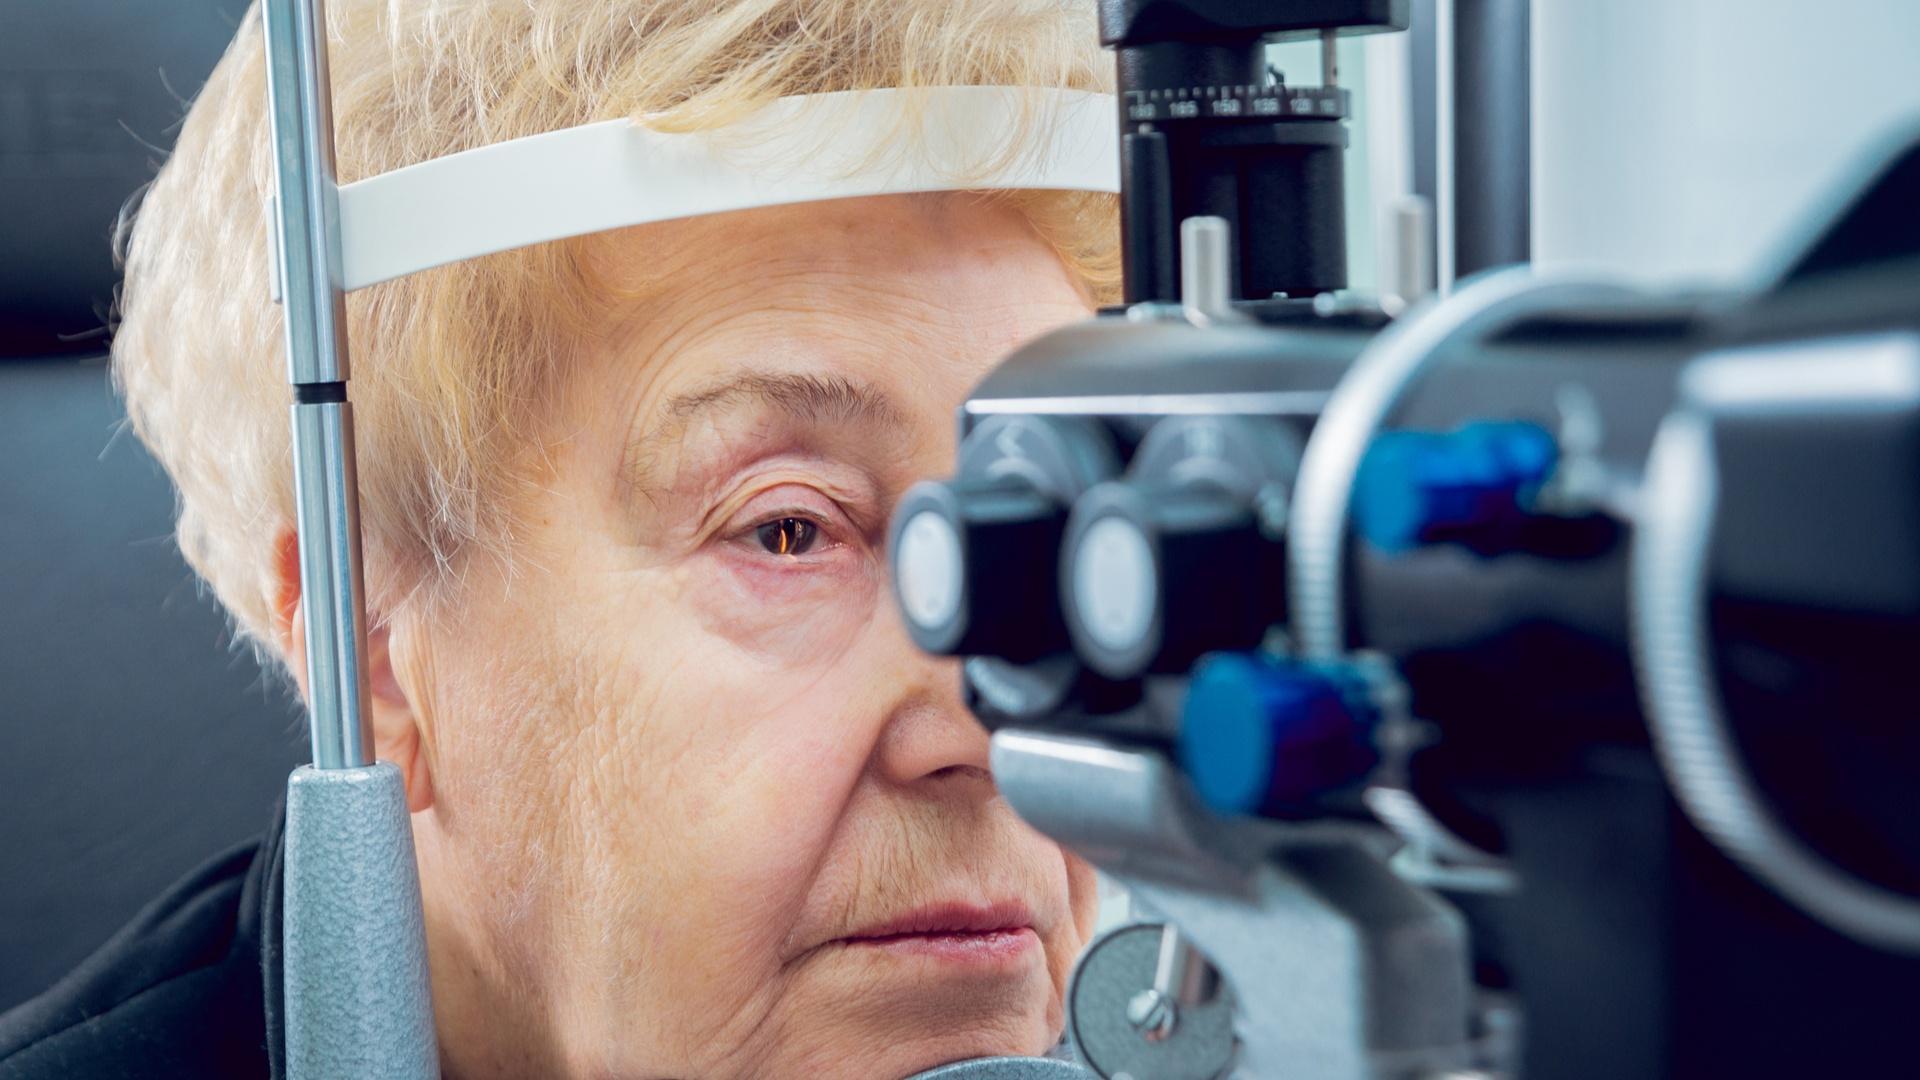 Incapacidad por miopía magna: Sentencia estima la demanda de una limpiadora que padece miopía en un ojo.